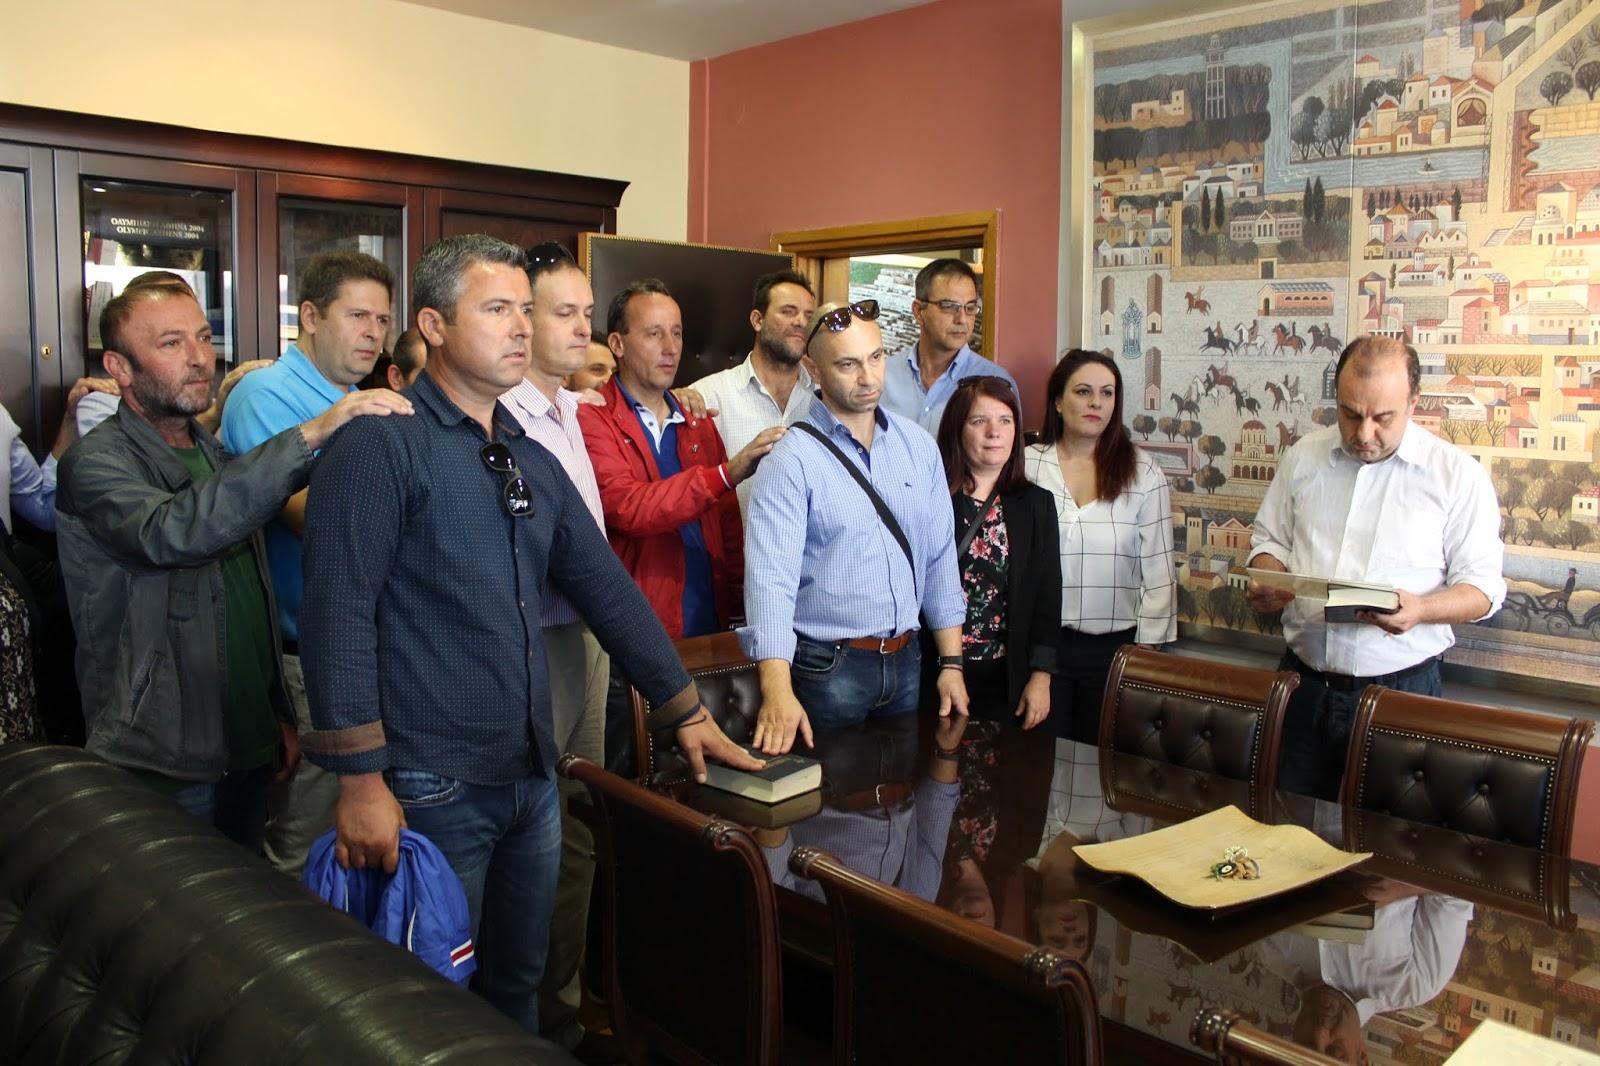 Ορκίστηκαν και αναλαμβάνουν υπηρεσία οι νέοι υπάλληλοι του ΦΟΔΣΑ Λάρισας